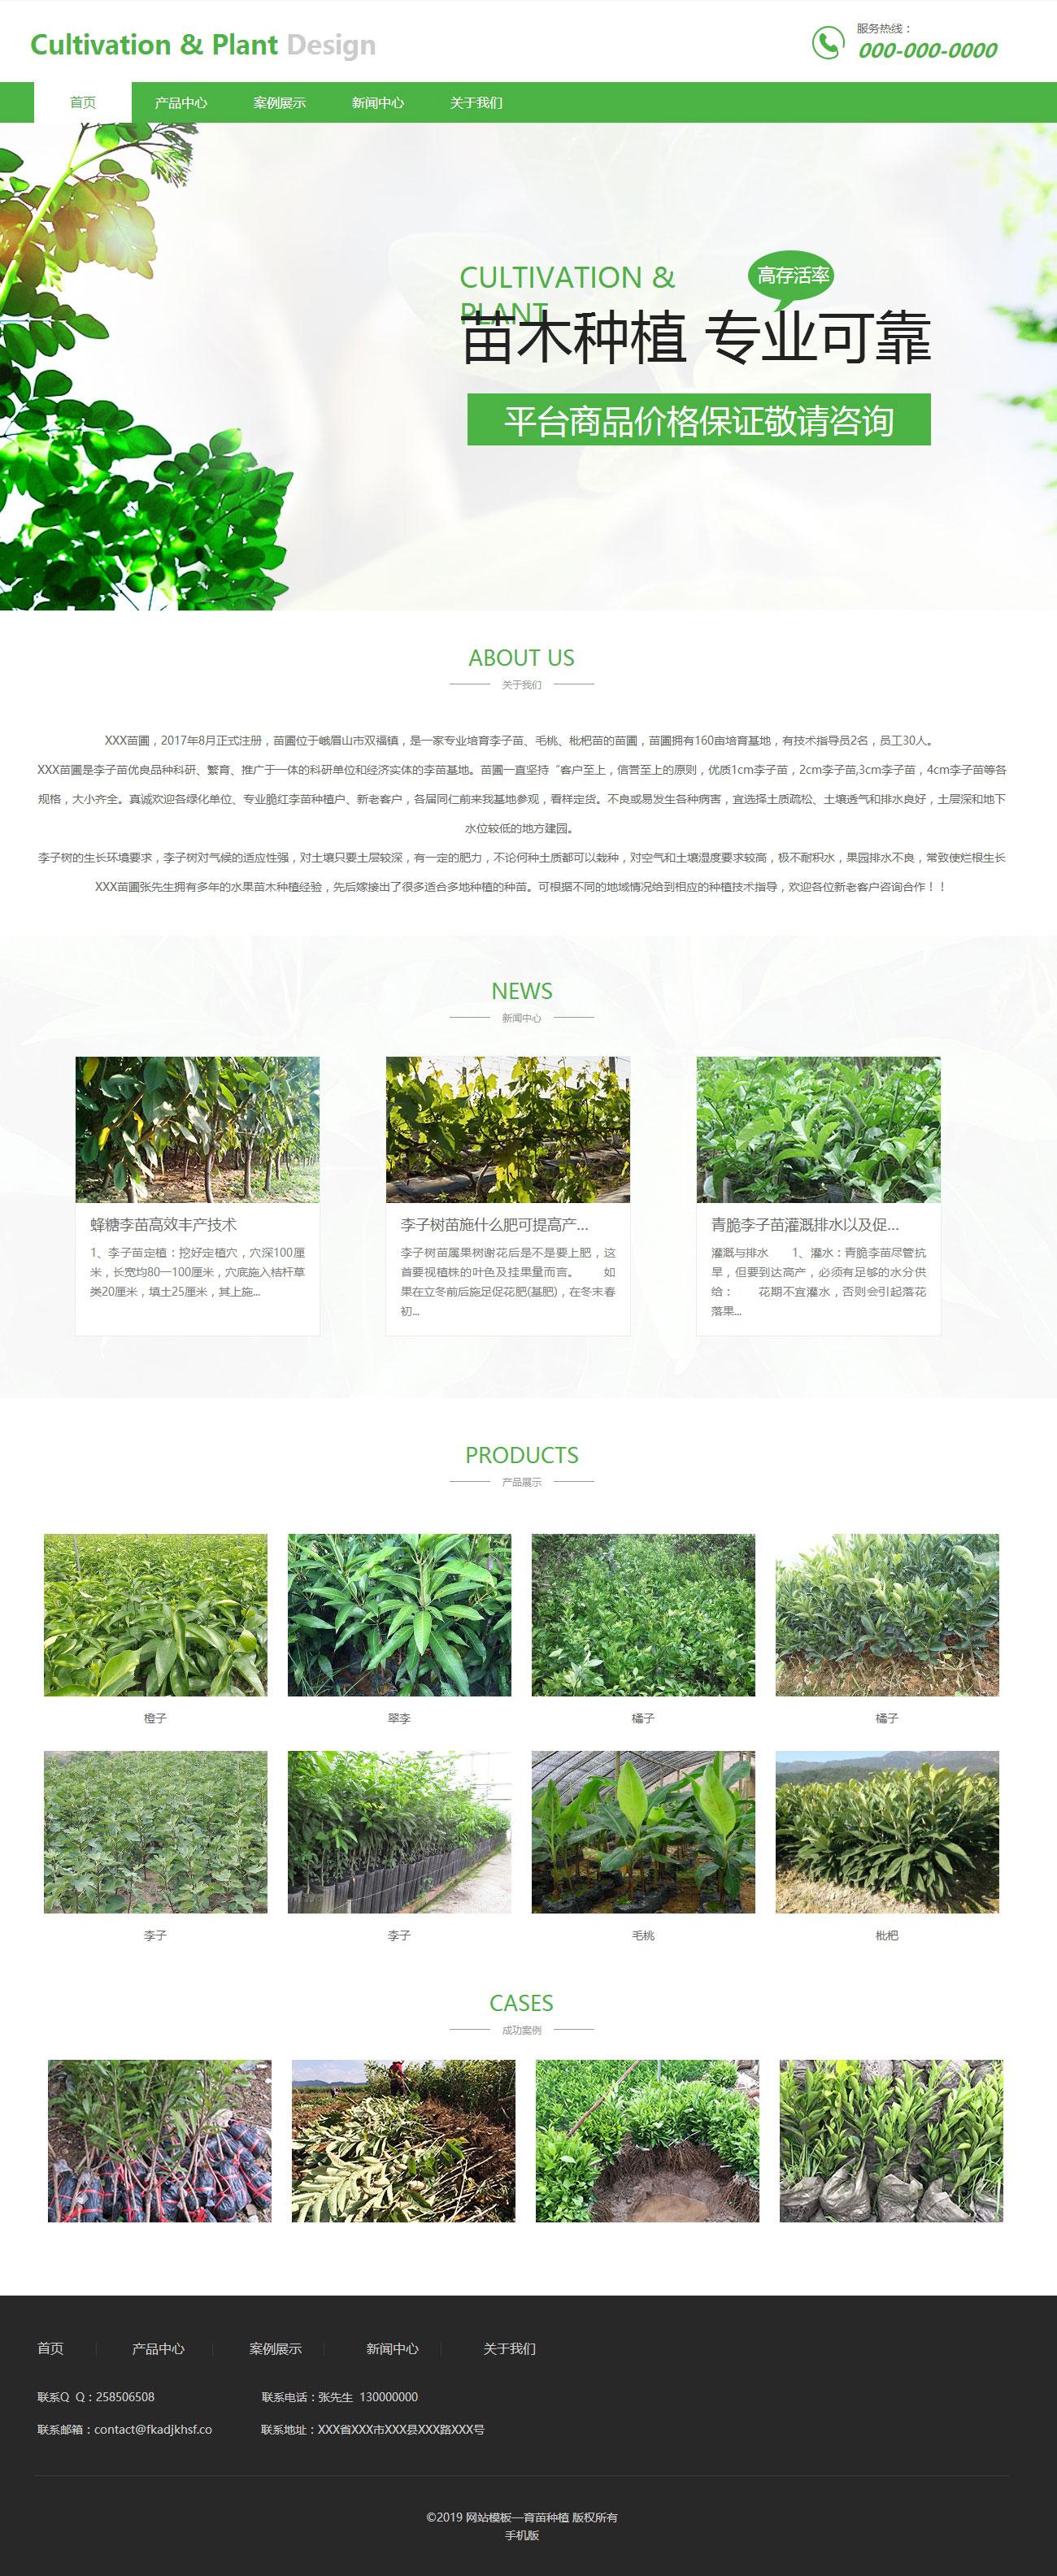 育苗种植产品展示直销网站模板